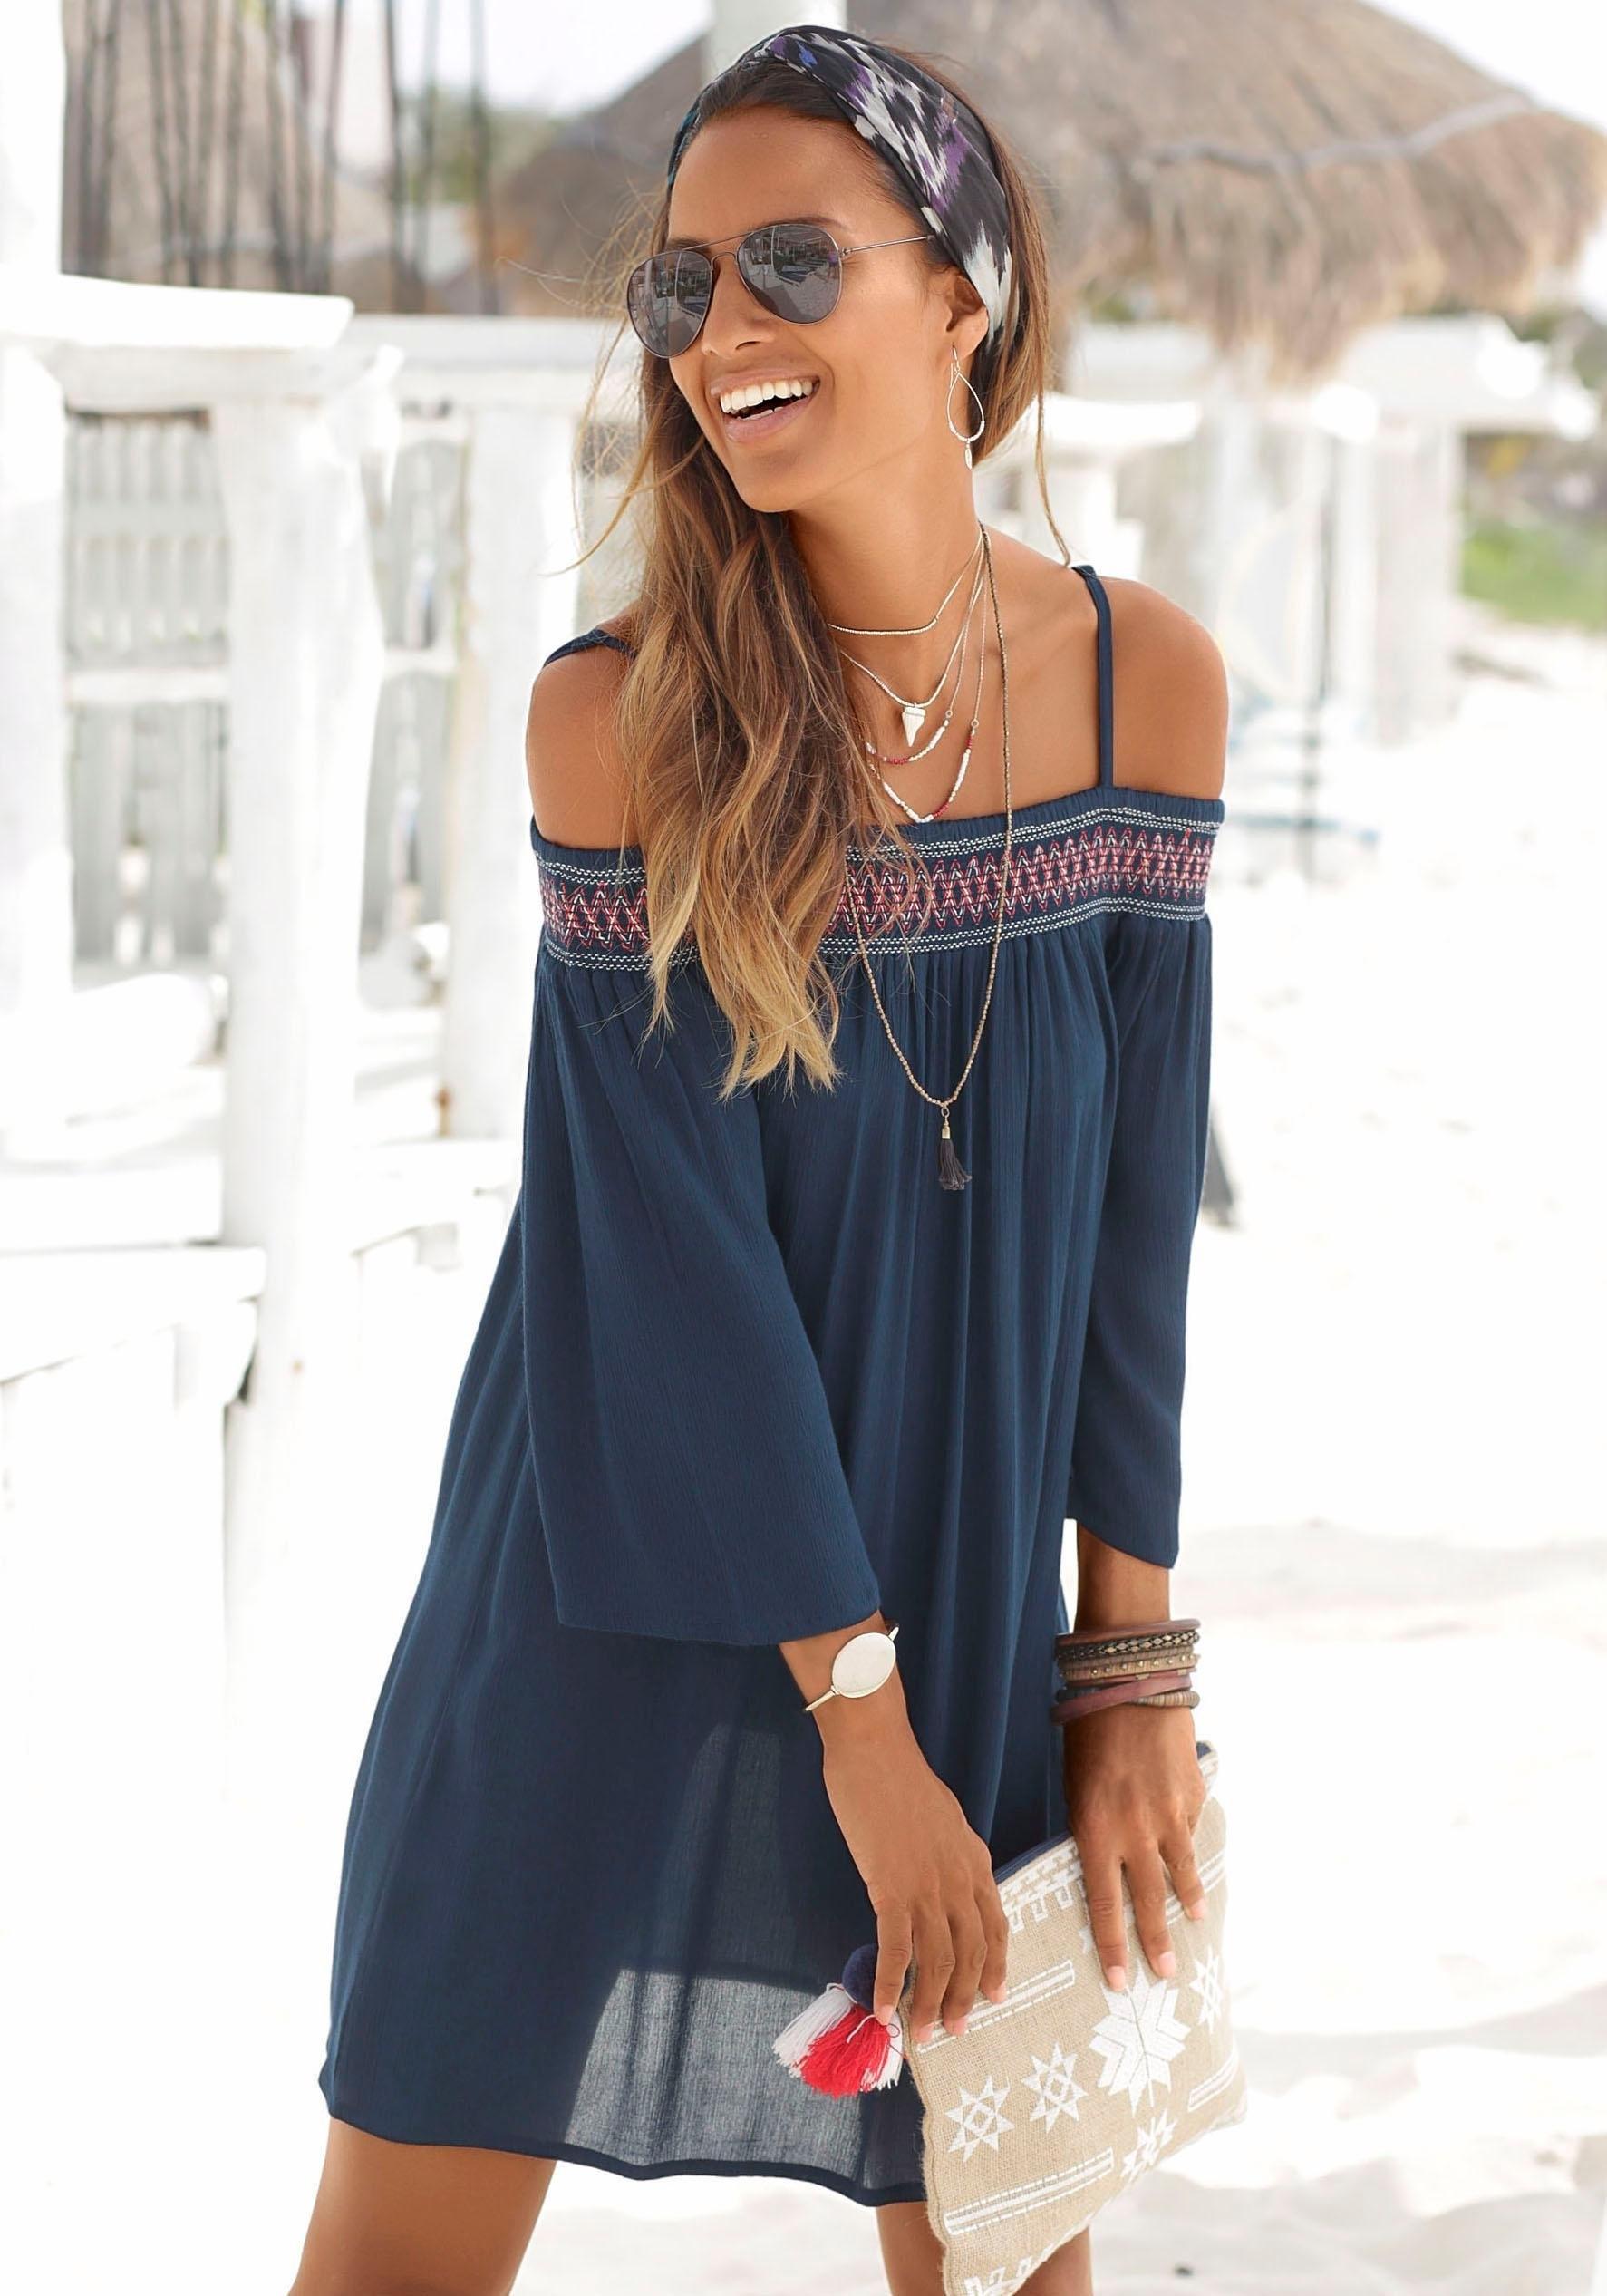 Op zoek naar een s.Oliver Beachwear s.Oliver RED LABEL Beachwear strandjurk? Koop online bij OTTO